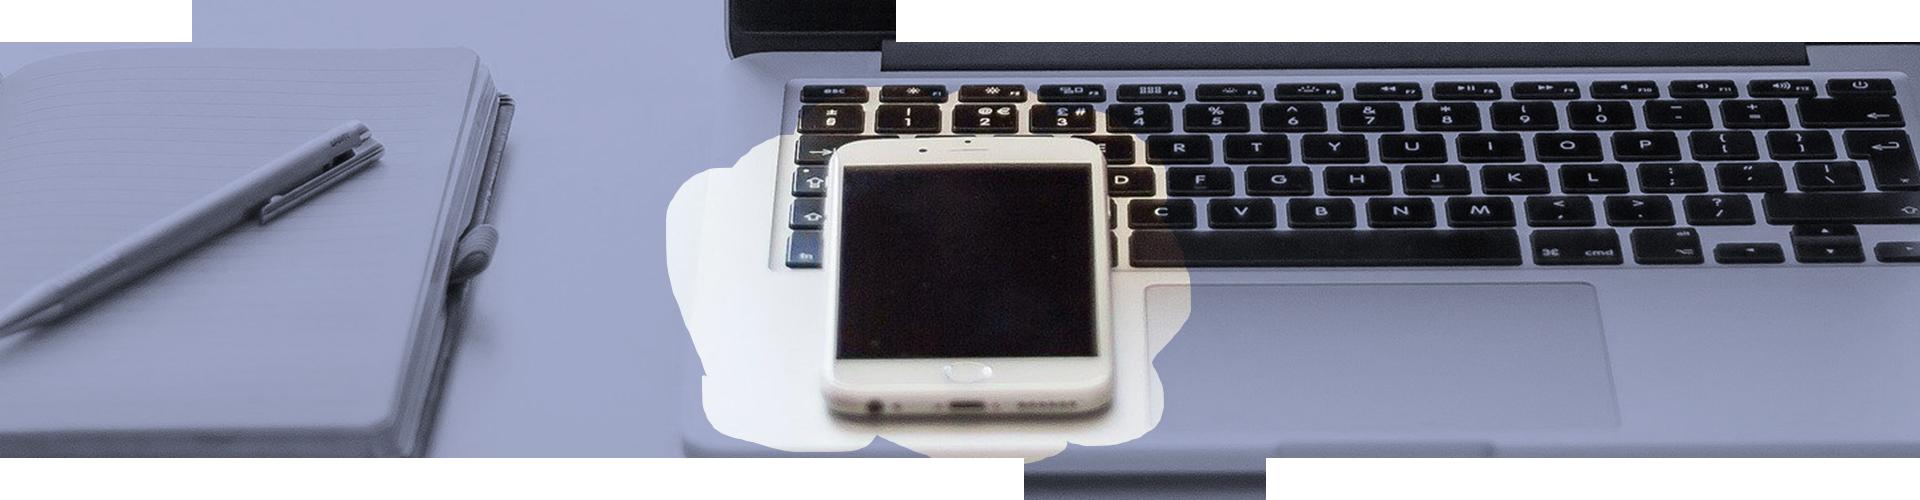 Innovación y Cualificación presenta su nuevo producto destacado, desarrollo web para comercio electrónico